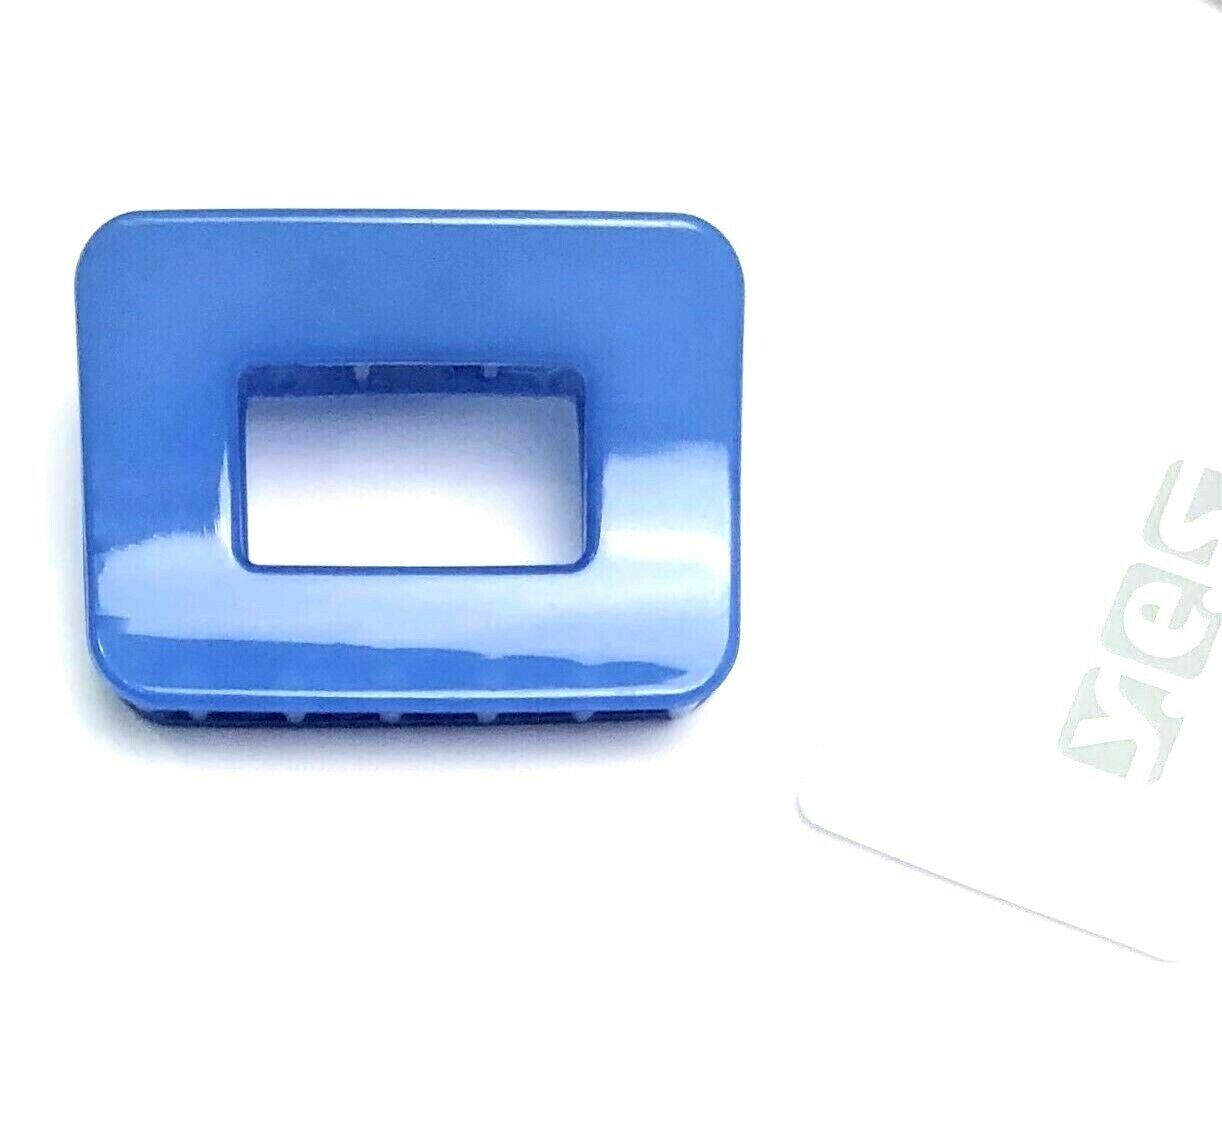 schöner Haarkrebs Haarklammer Haarkralle blau eckig 5,7 cm x 4 cm SOLIDA